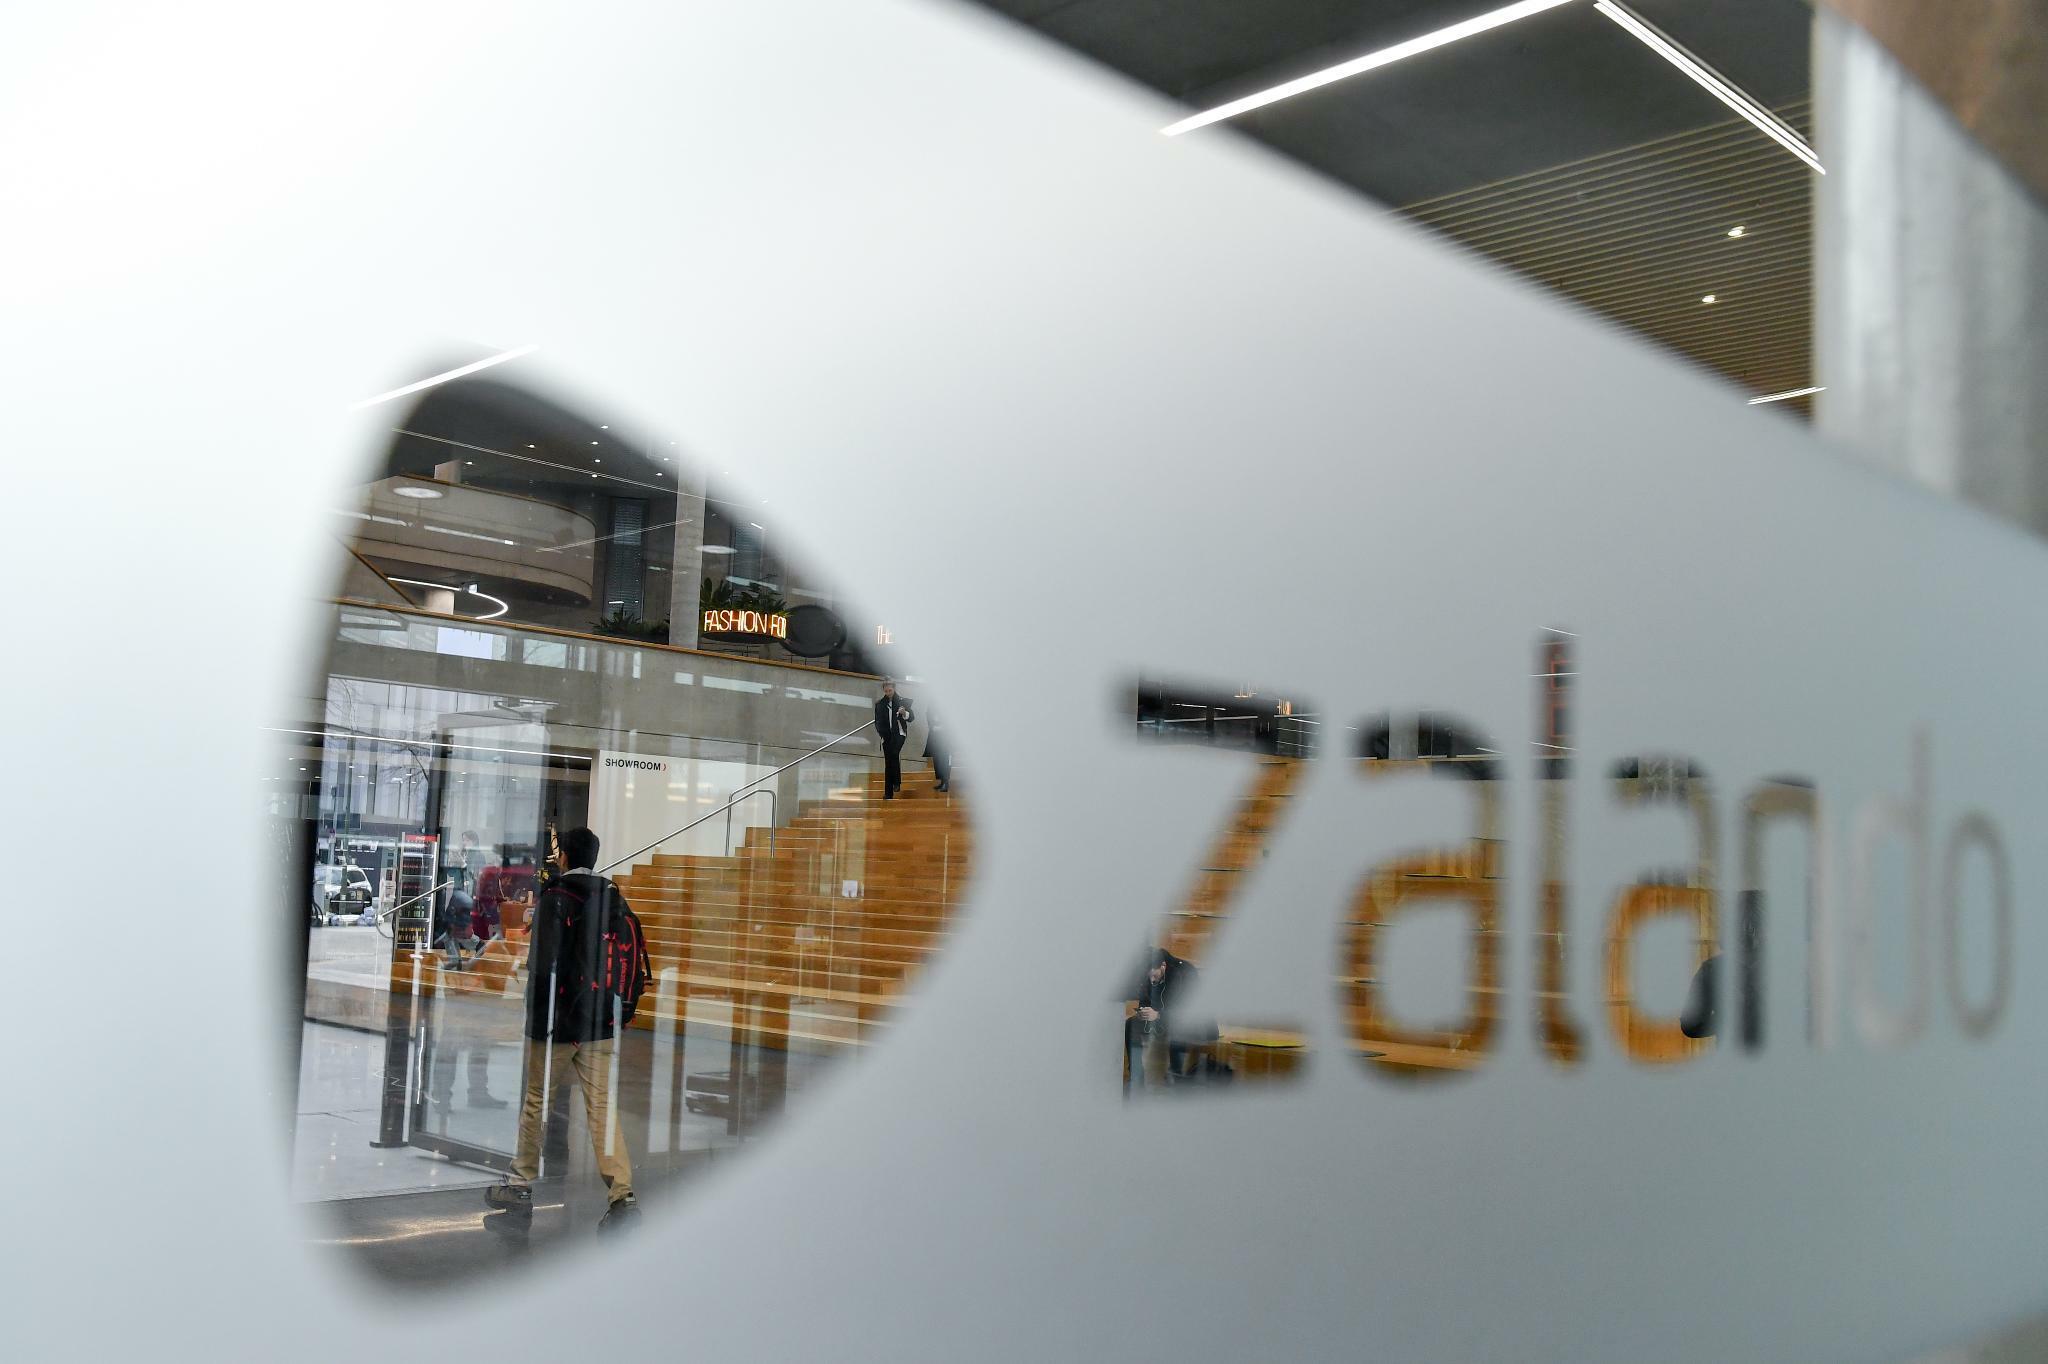 """""""Stasi-Methoden"""" : Studie kritisiert Zalandos Bewertungssoftware"""